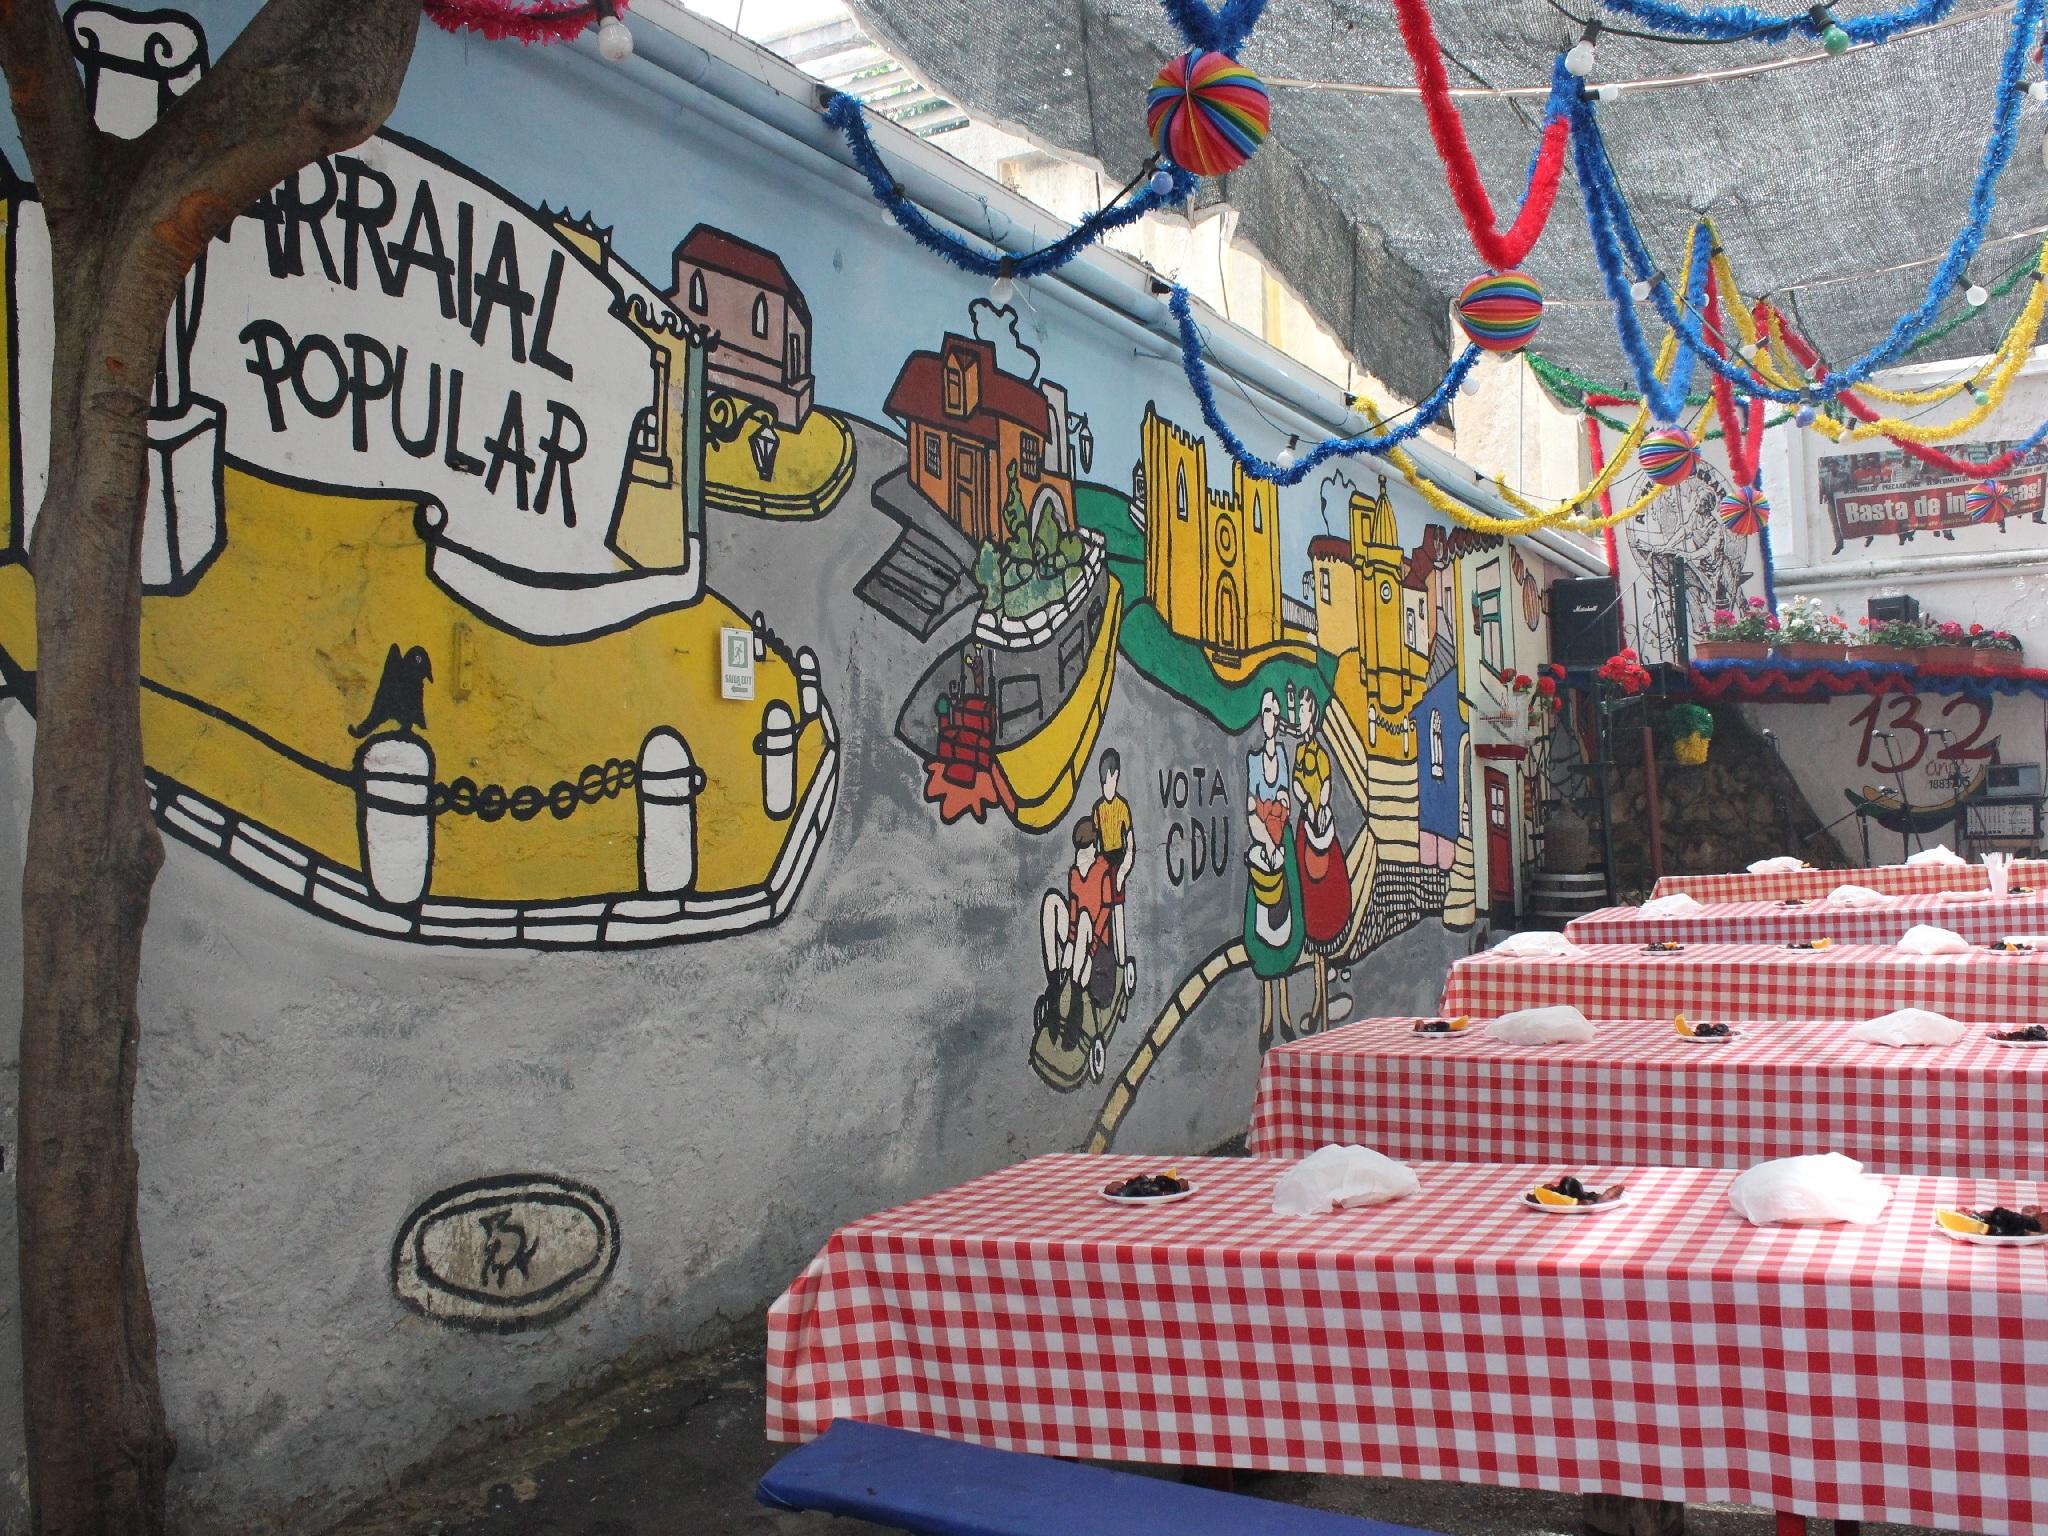 Restaurante, Esplanada, A Voz do Operário